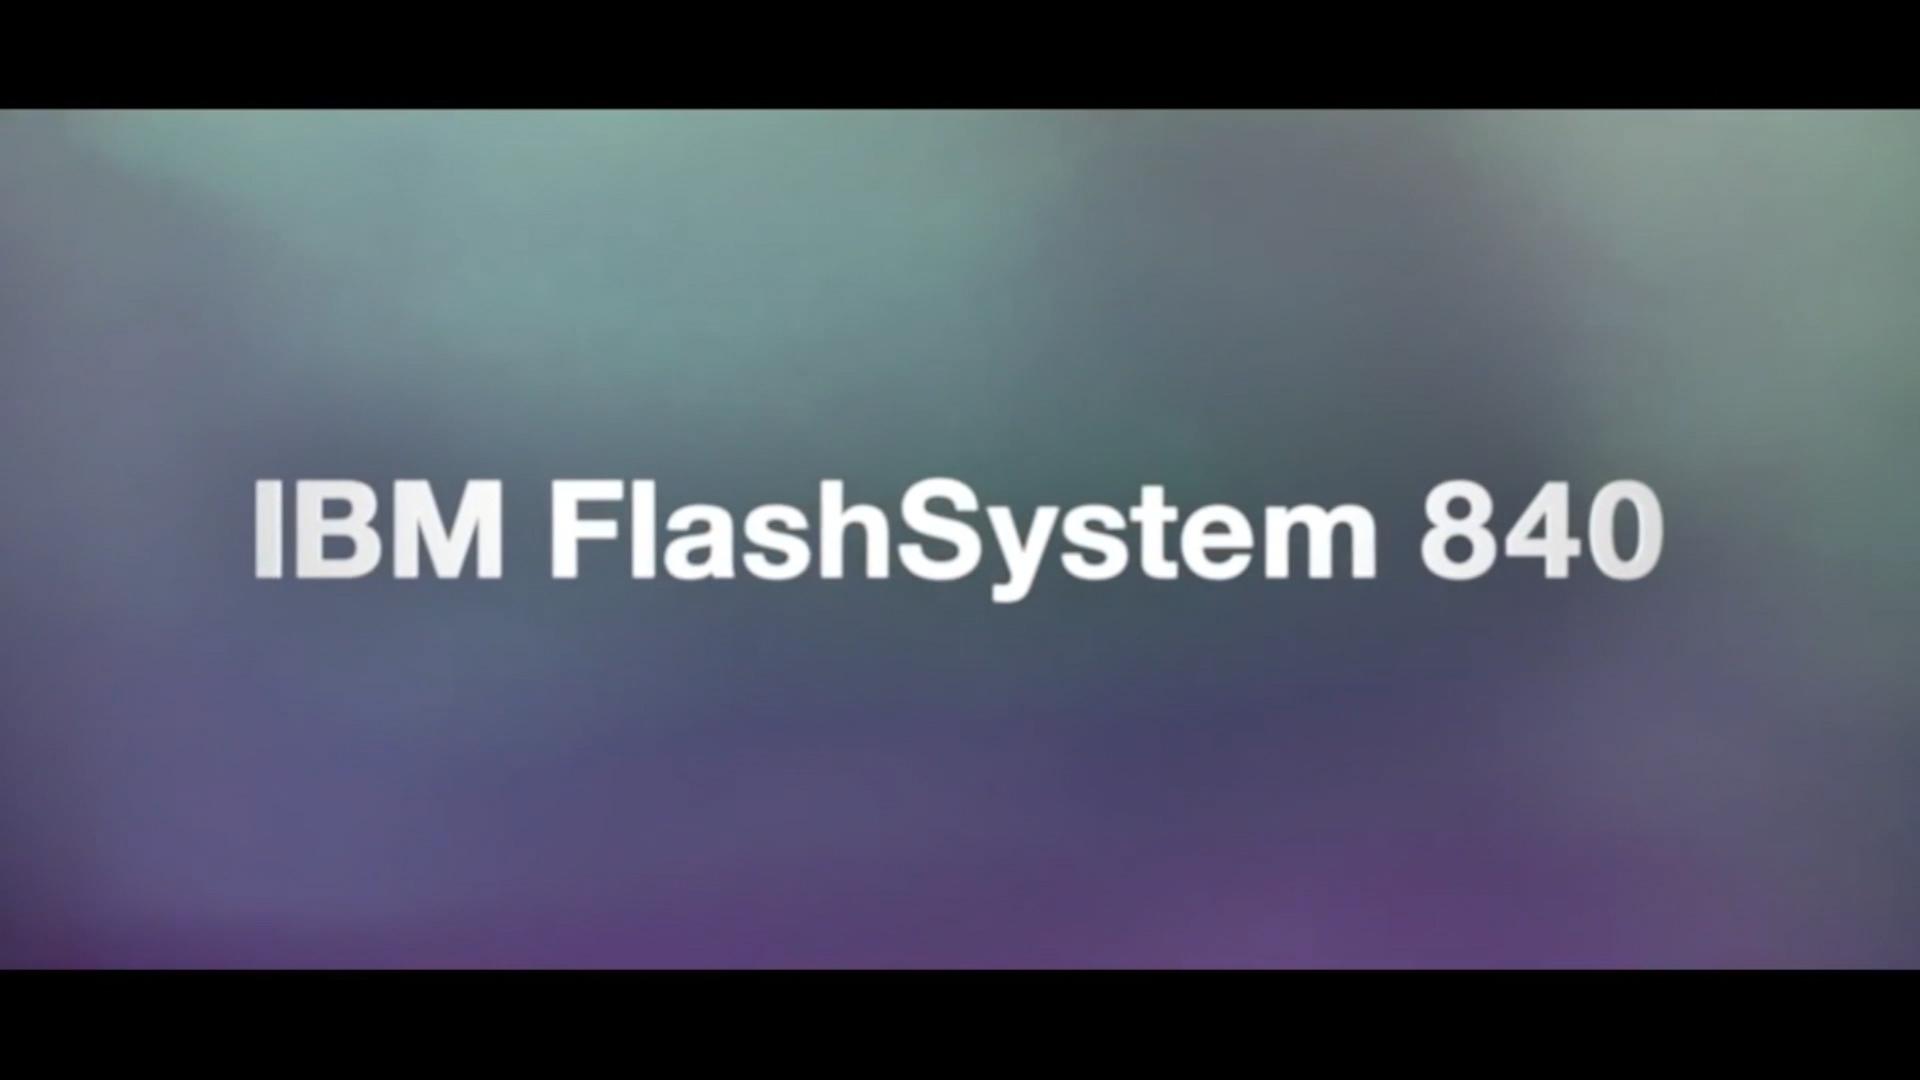 FlashSystem 840